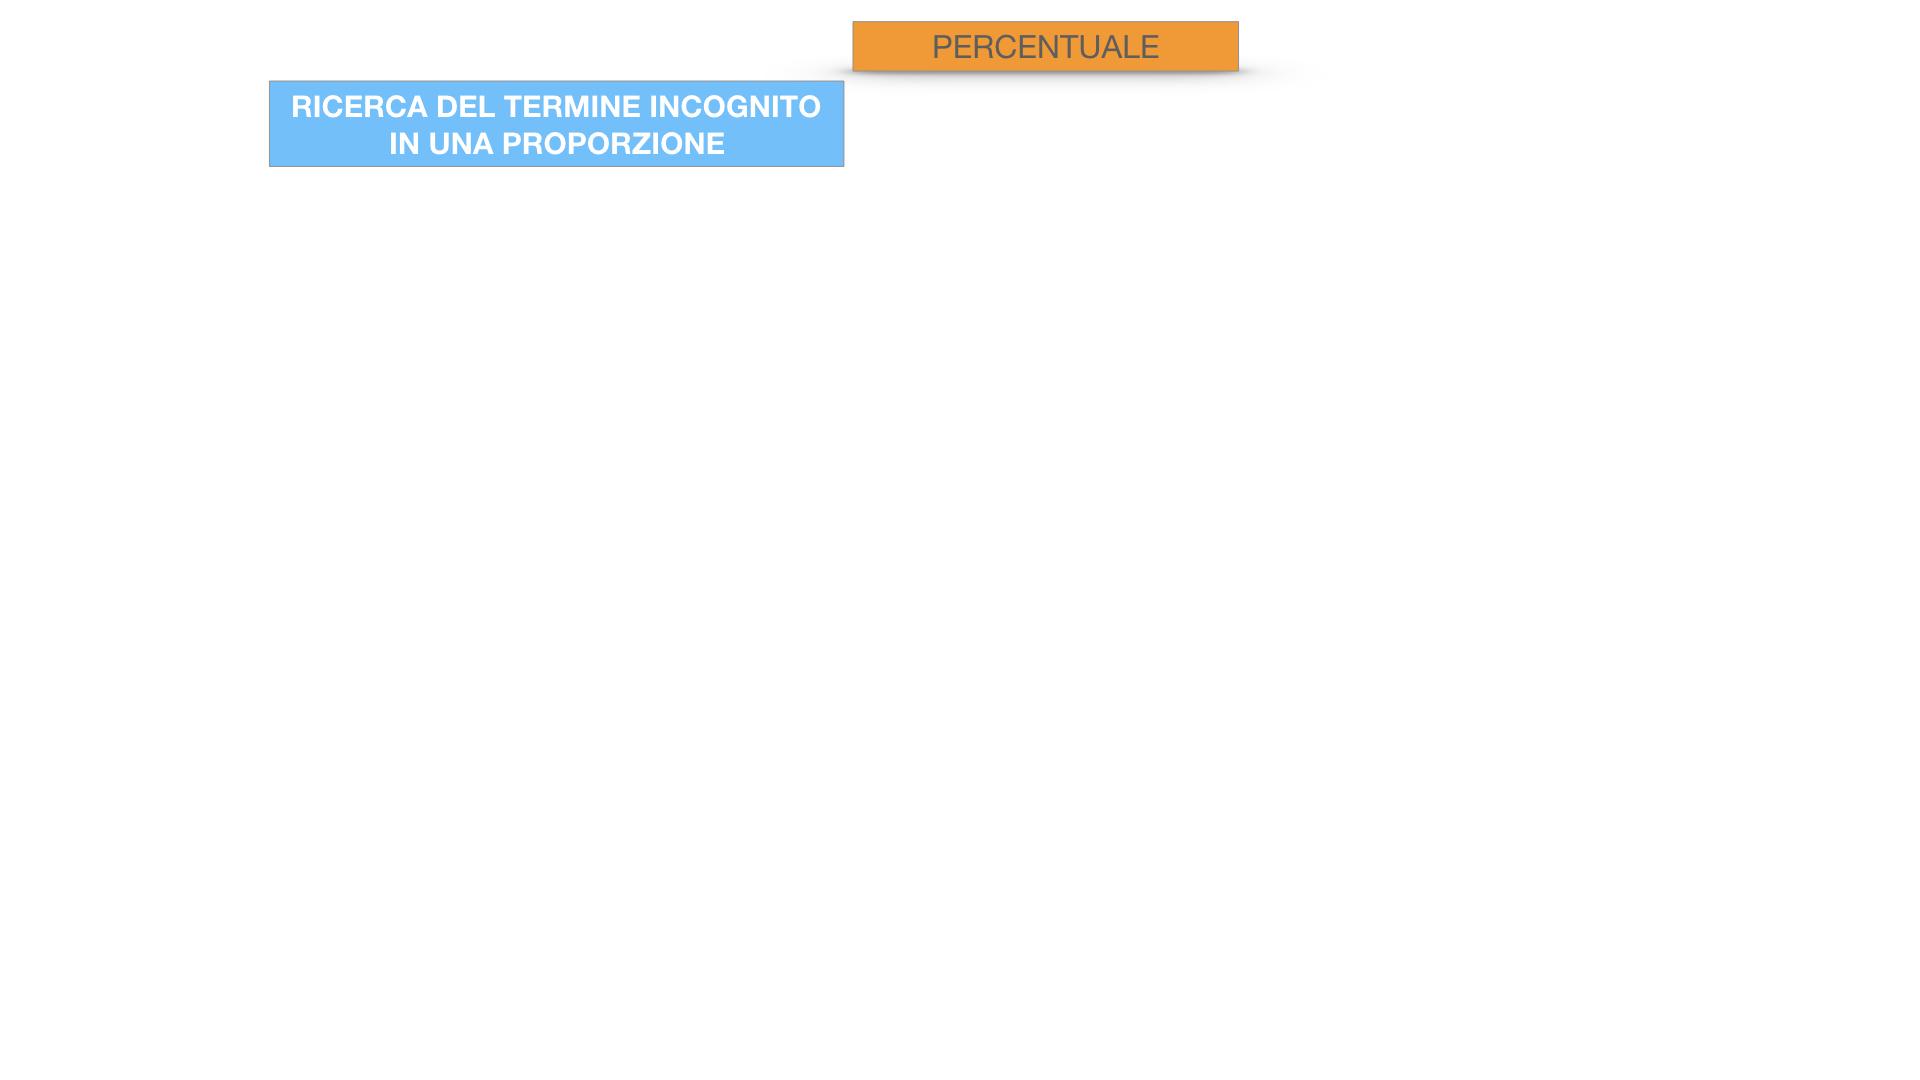 PERCENTUALE_SIMULAZIONE.017